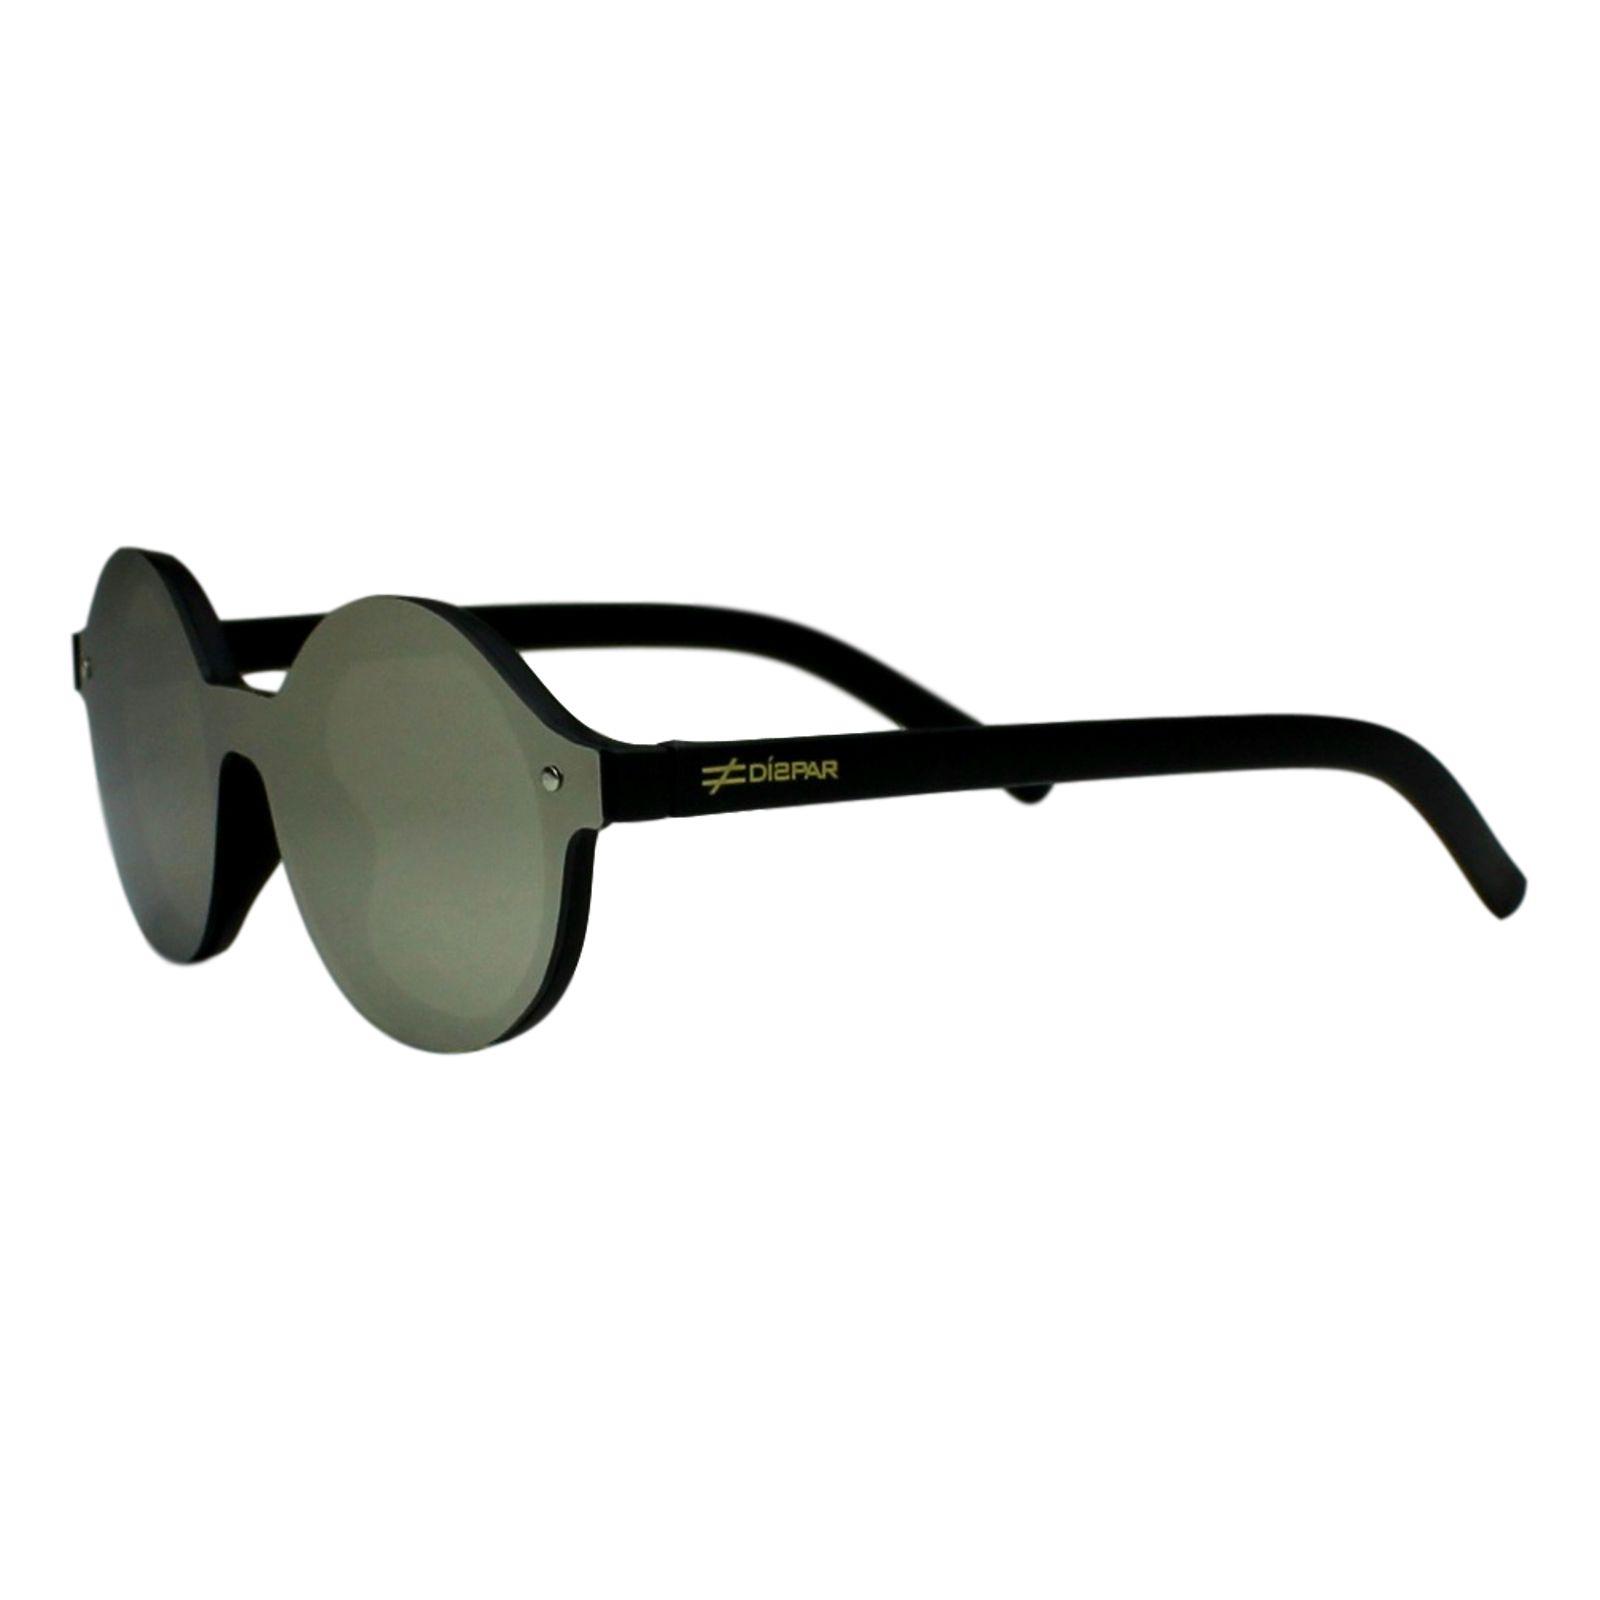 Óculos de Sol Díspar ID1898 infantil idade 6 a 9 anos Prata